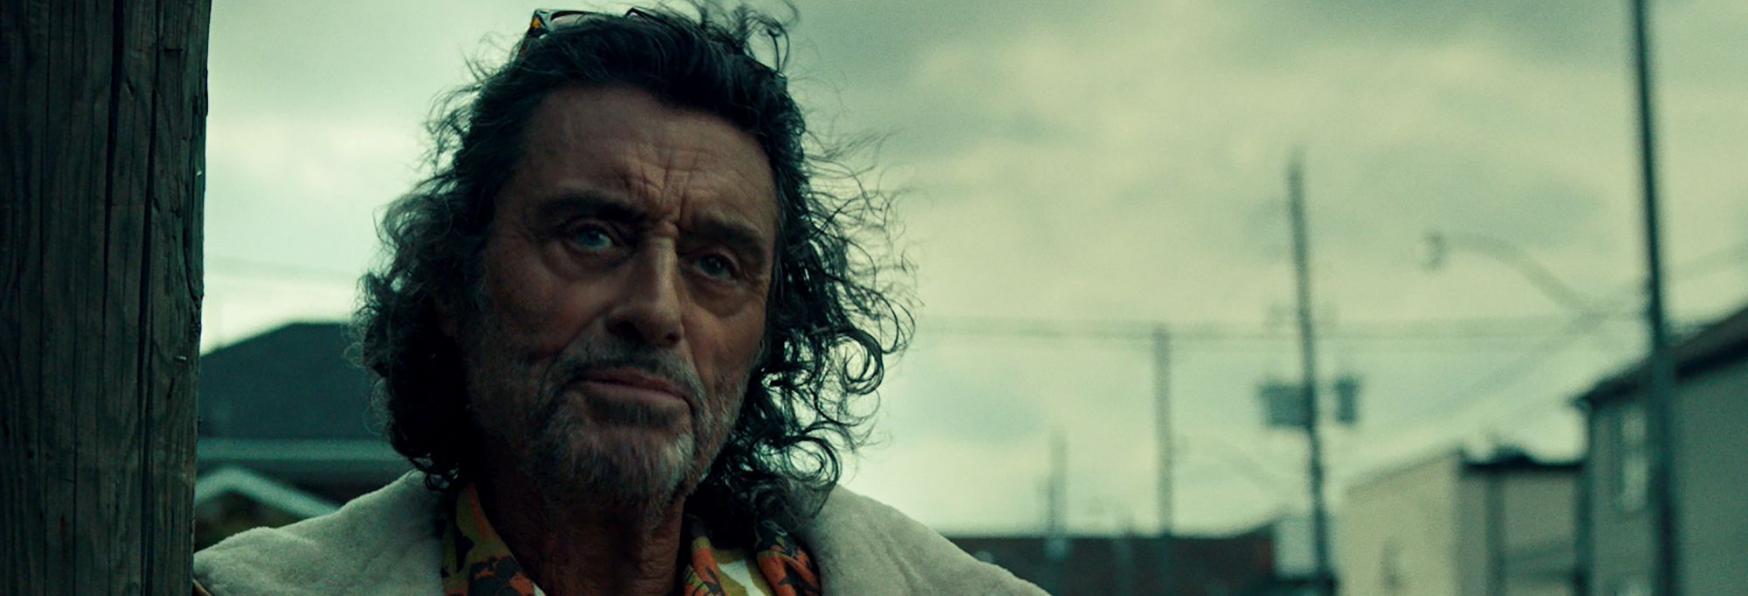 American Gods: per Neil Gaiman la Serie TV non è Finita nonostante la Cancellazione